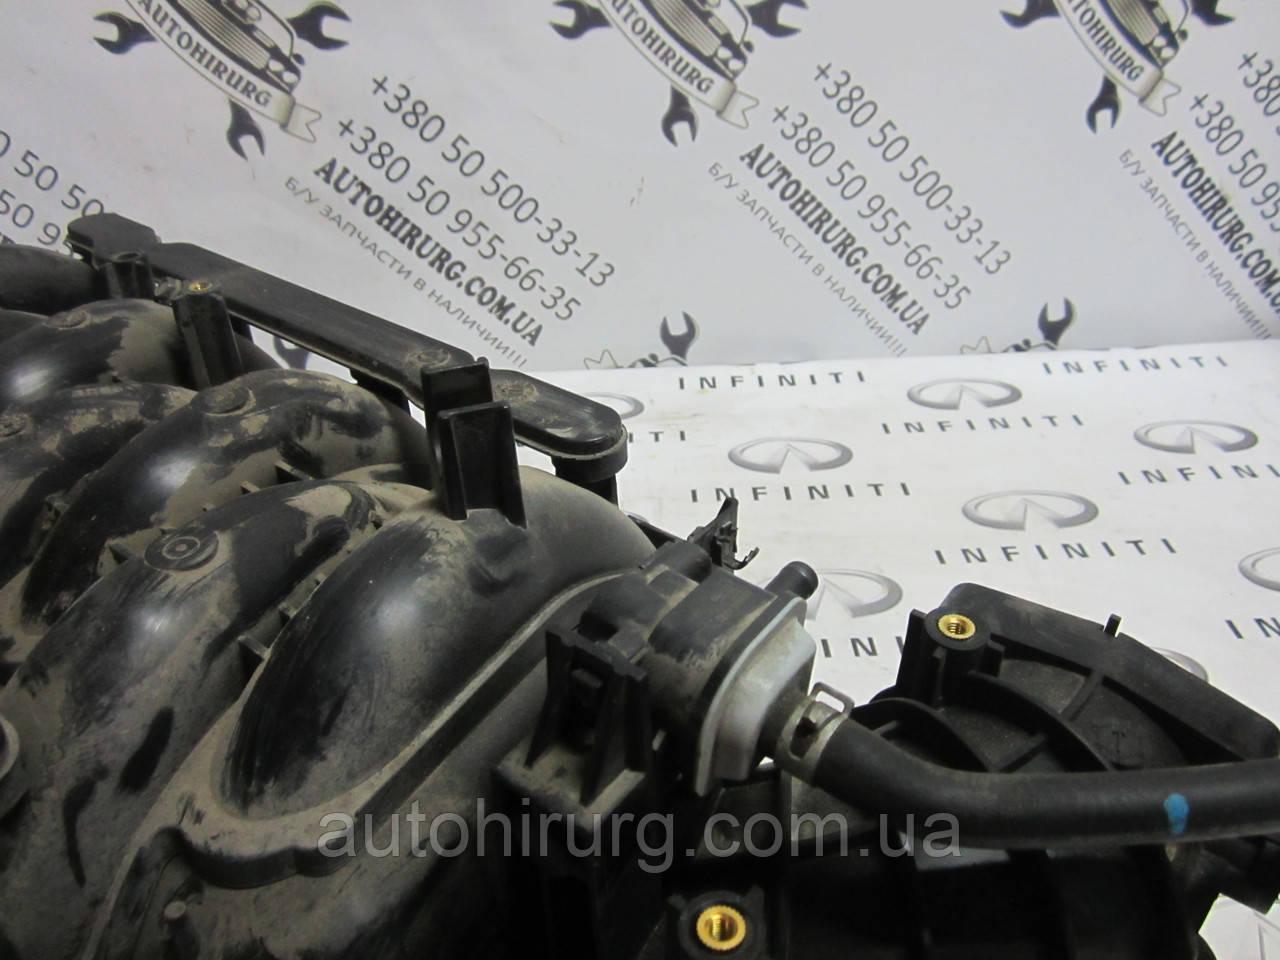 Вакуумный клапан Infiniti Qx56 / Qx80 - Z62 (14930-1LA0A / ), фото 1